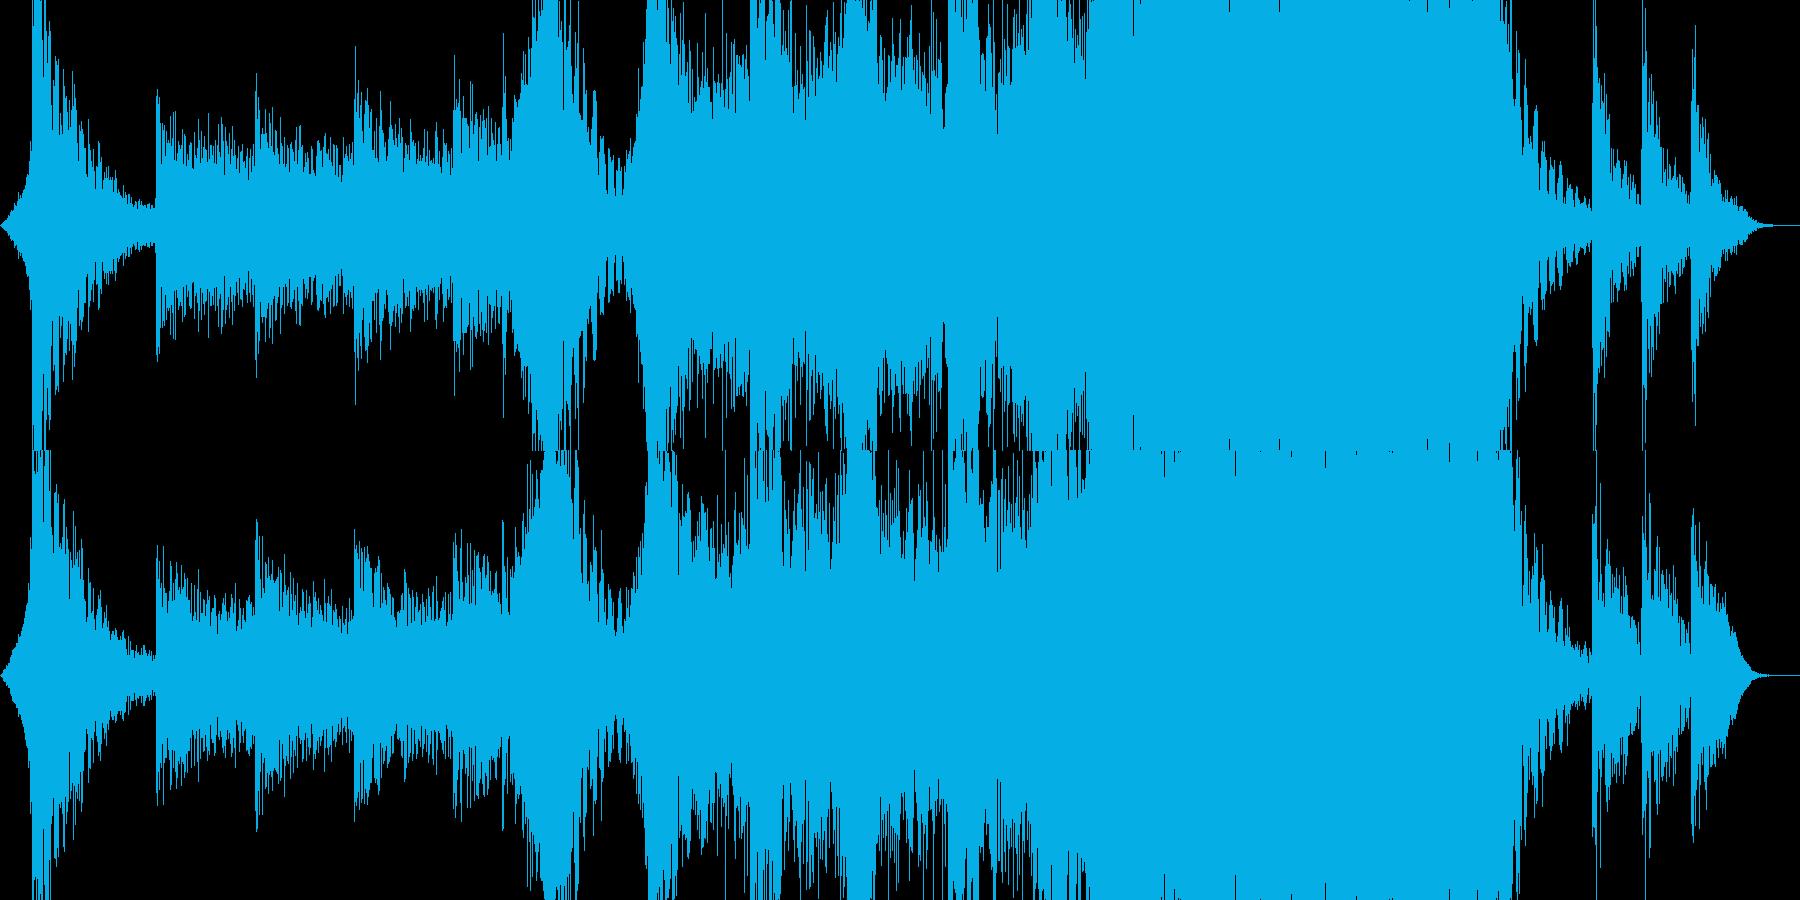 ハリウッド風エピック系トレーラーの再生済みの波形